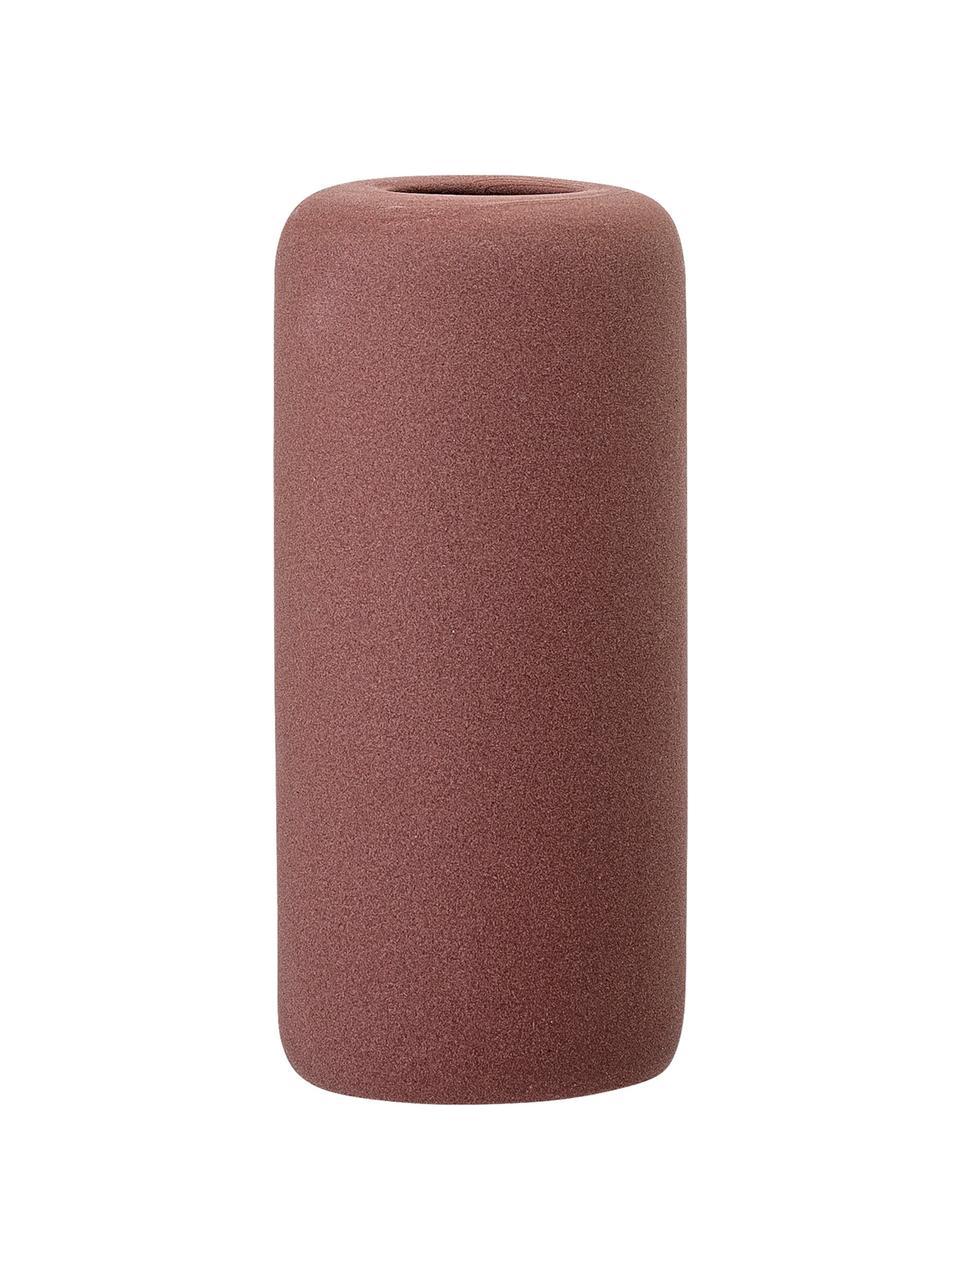 Kleine vaas Redstone van keramiek, Keramiek, Bordeauxrood, Ø 6 x H 13 cm